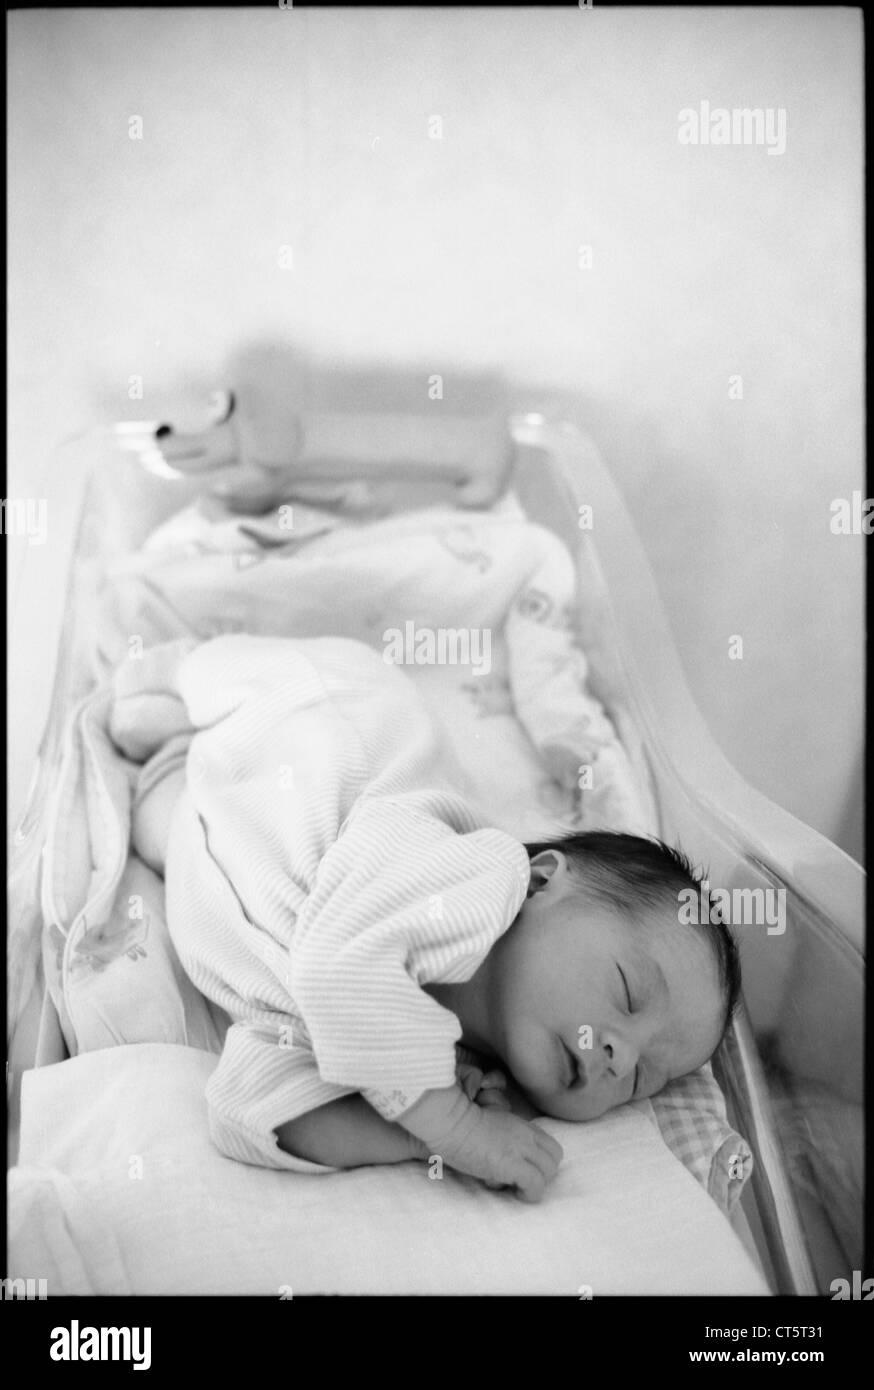 NEWBORN BABY - Stock Image